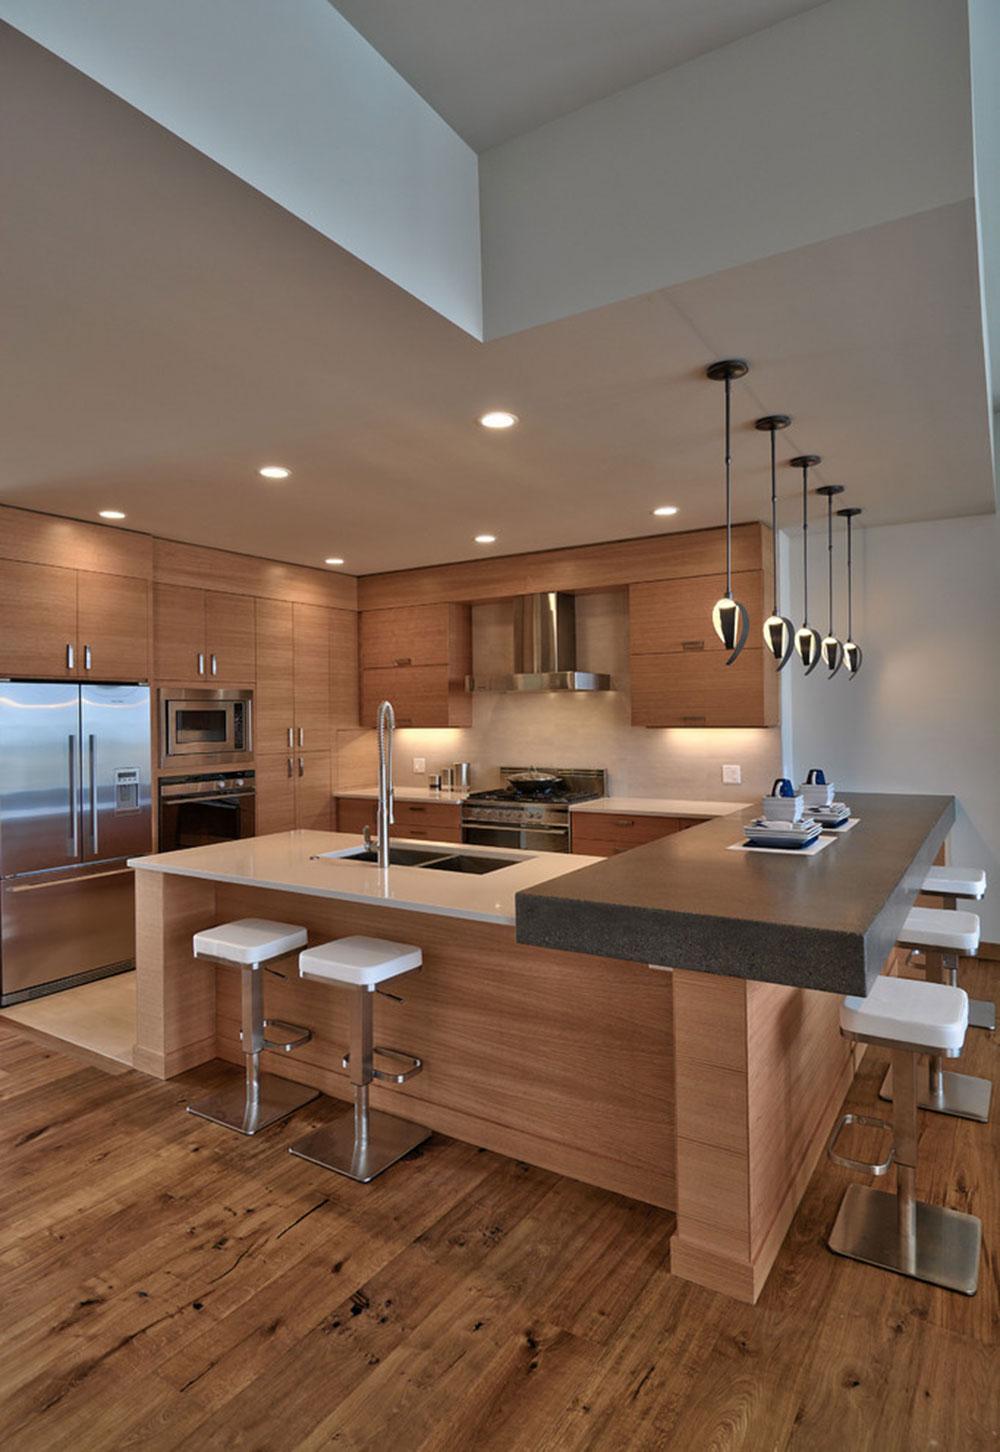 Att välja bra köksmöbler kan vara en utmaning3 Att välja bra köksmöbler kan vara en utmaning